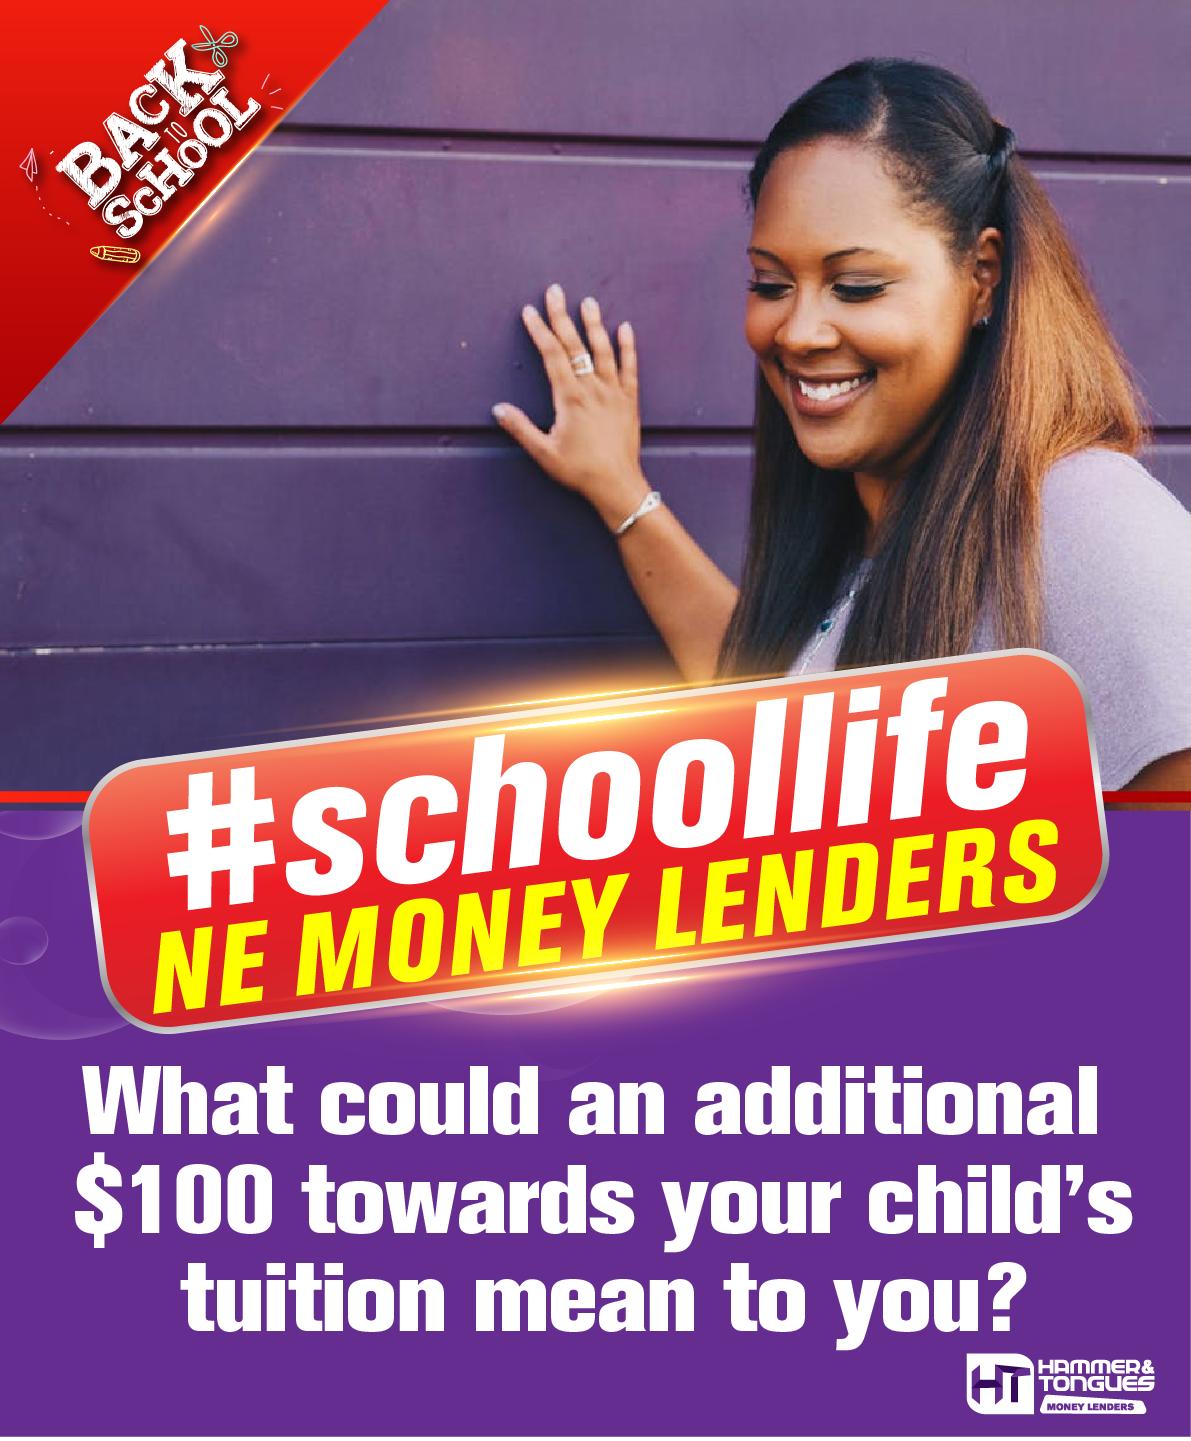 Back to School with Moneylenders